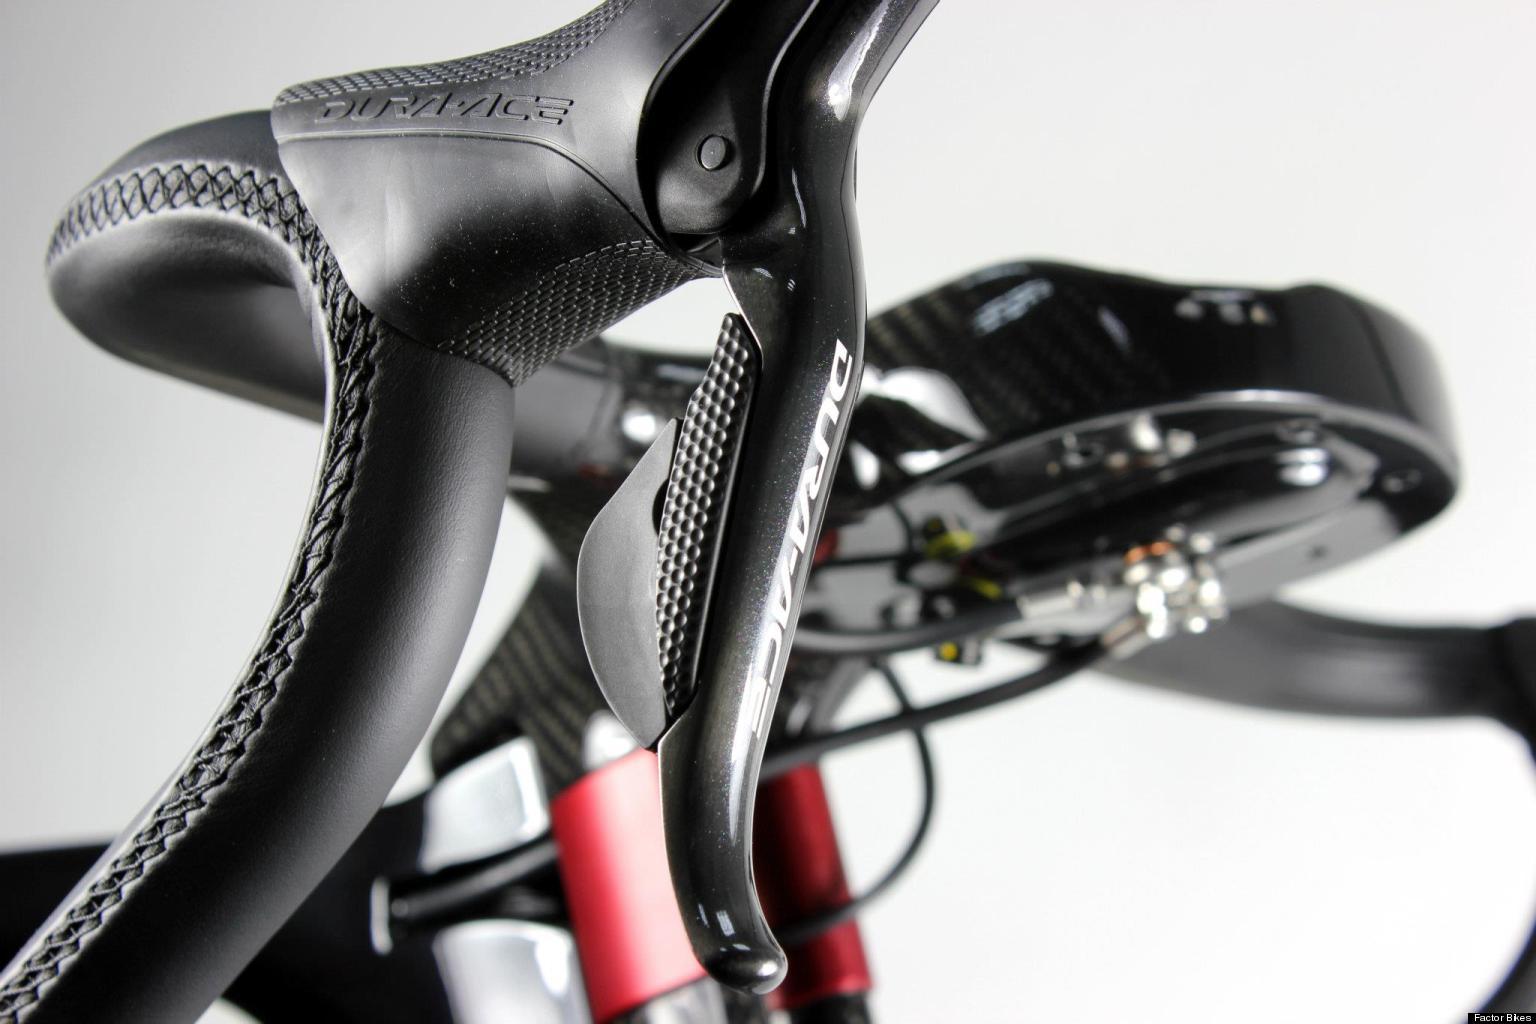 aston martin one-77 cycle, la bicicleta de 40,000 dólares | huffpost